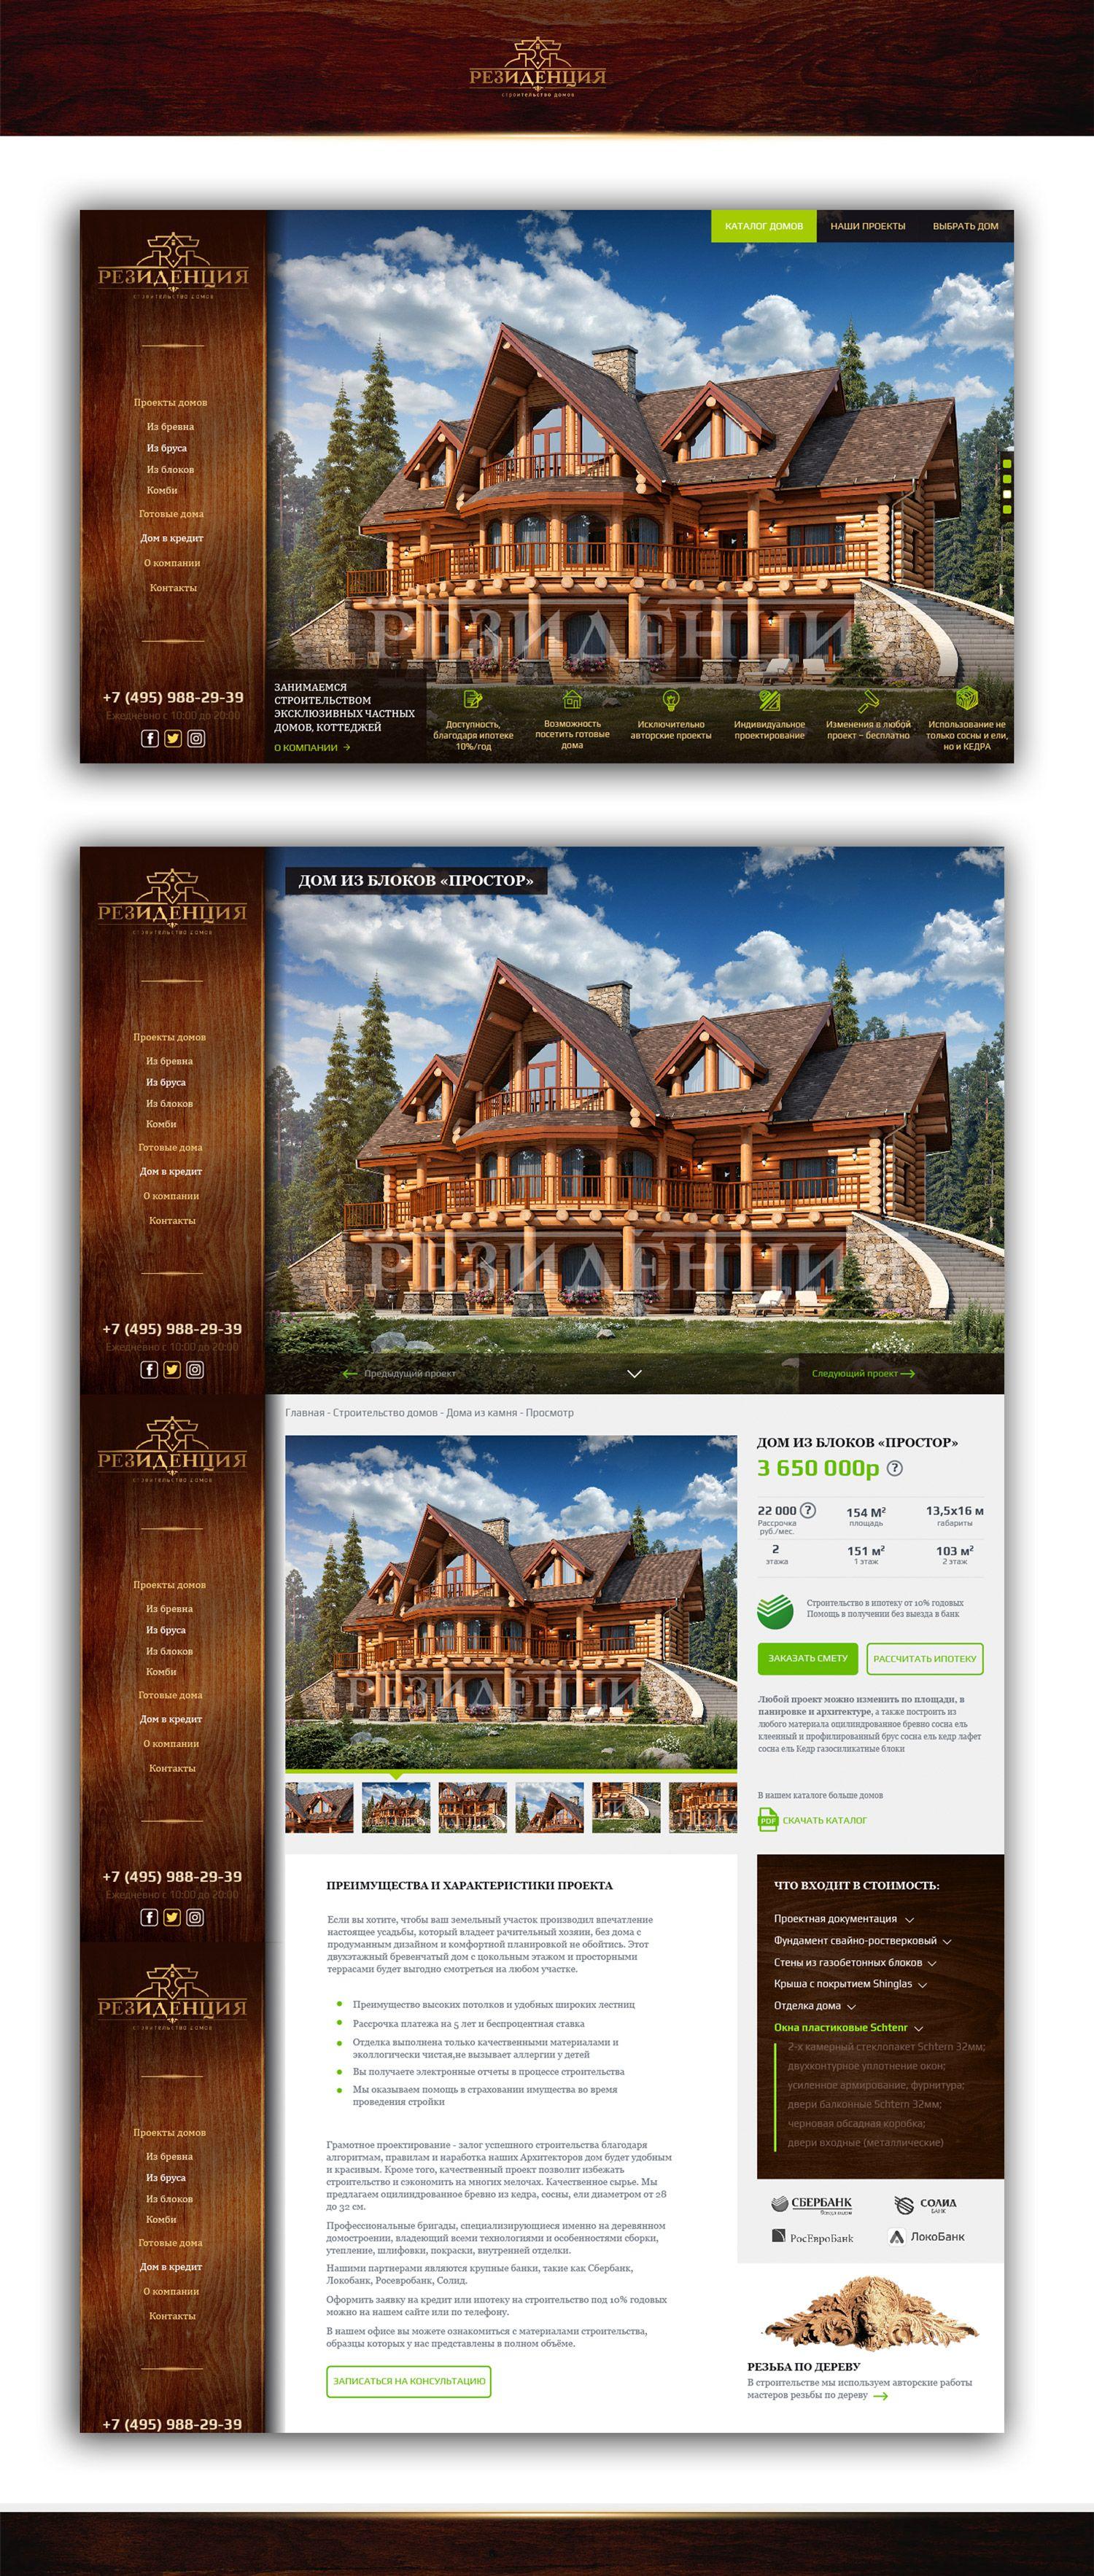 Веб-сайт для Резиденция - дизайнер karbonius